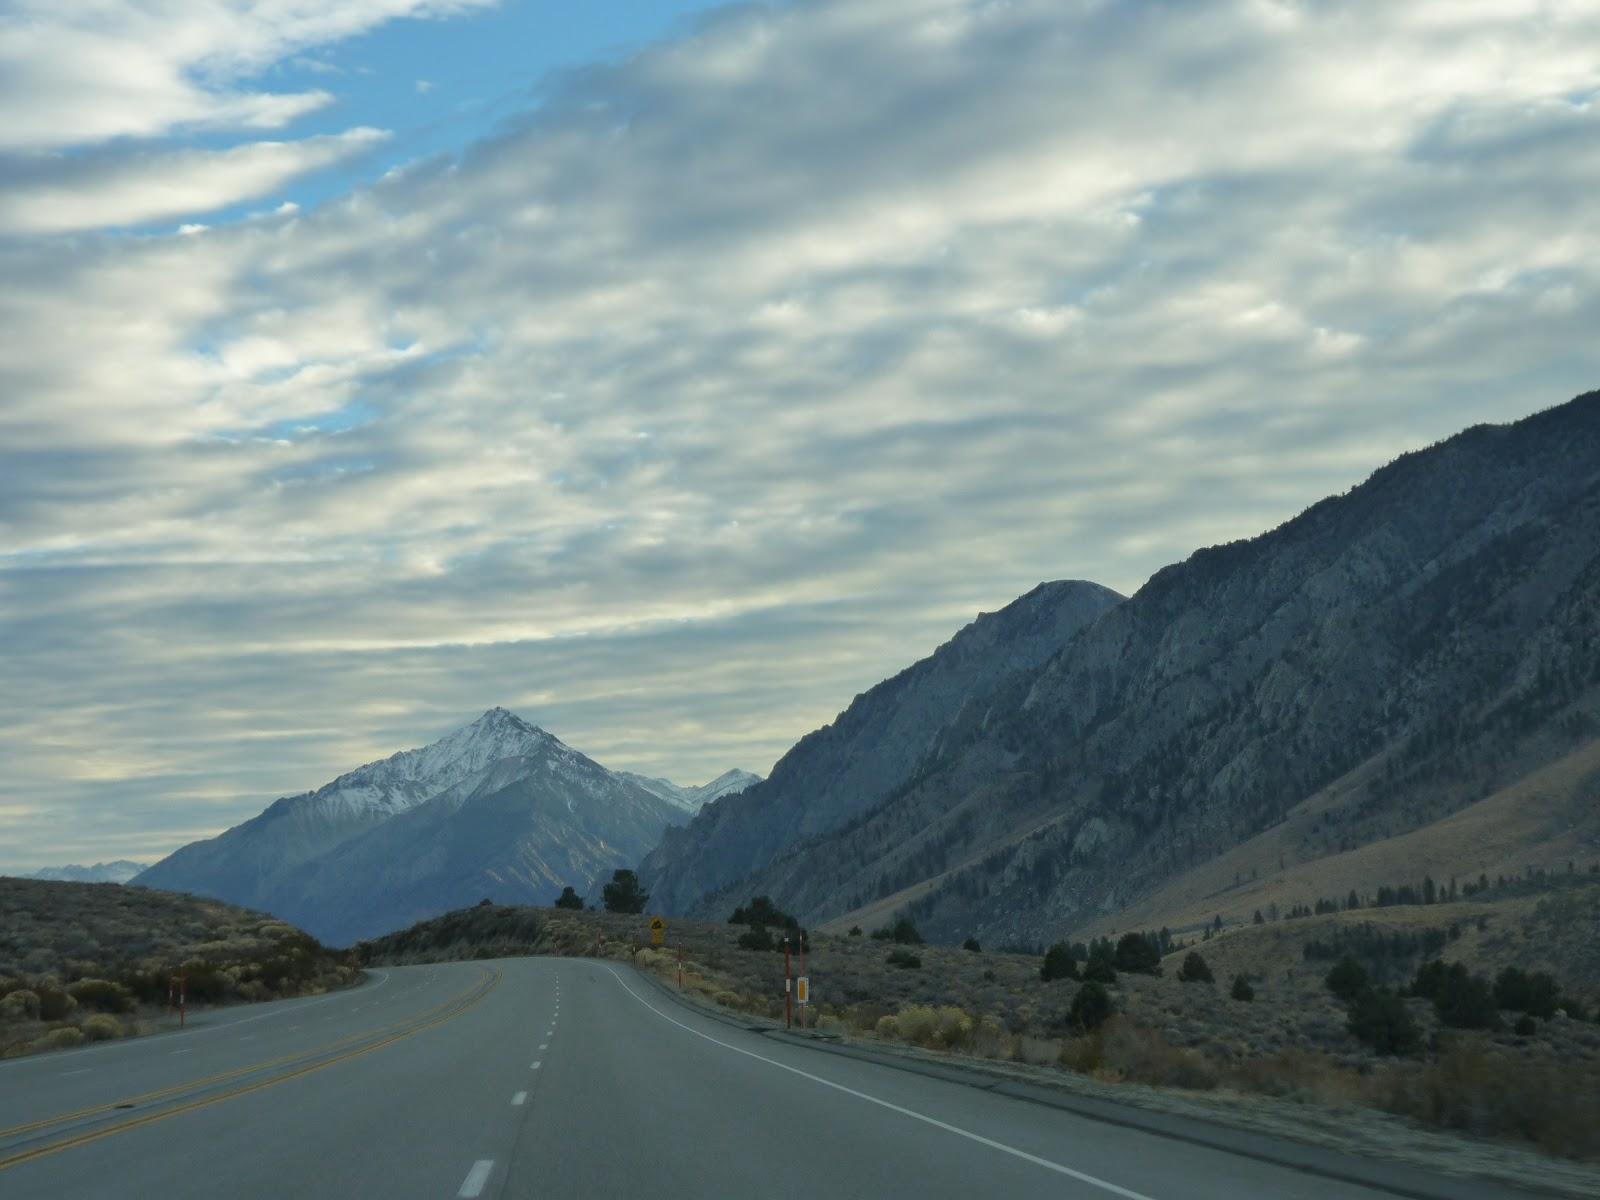 Sur la route, Californie